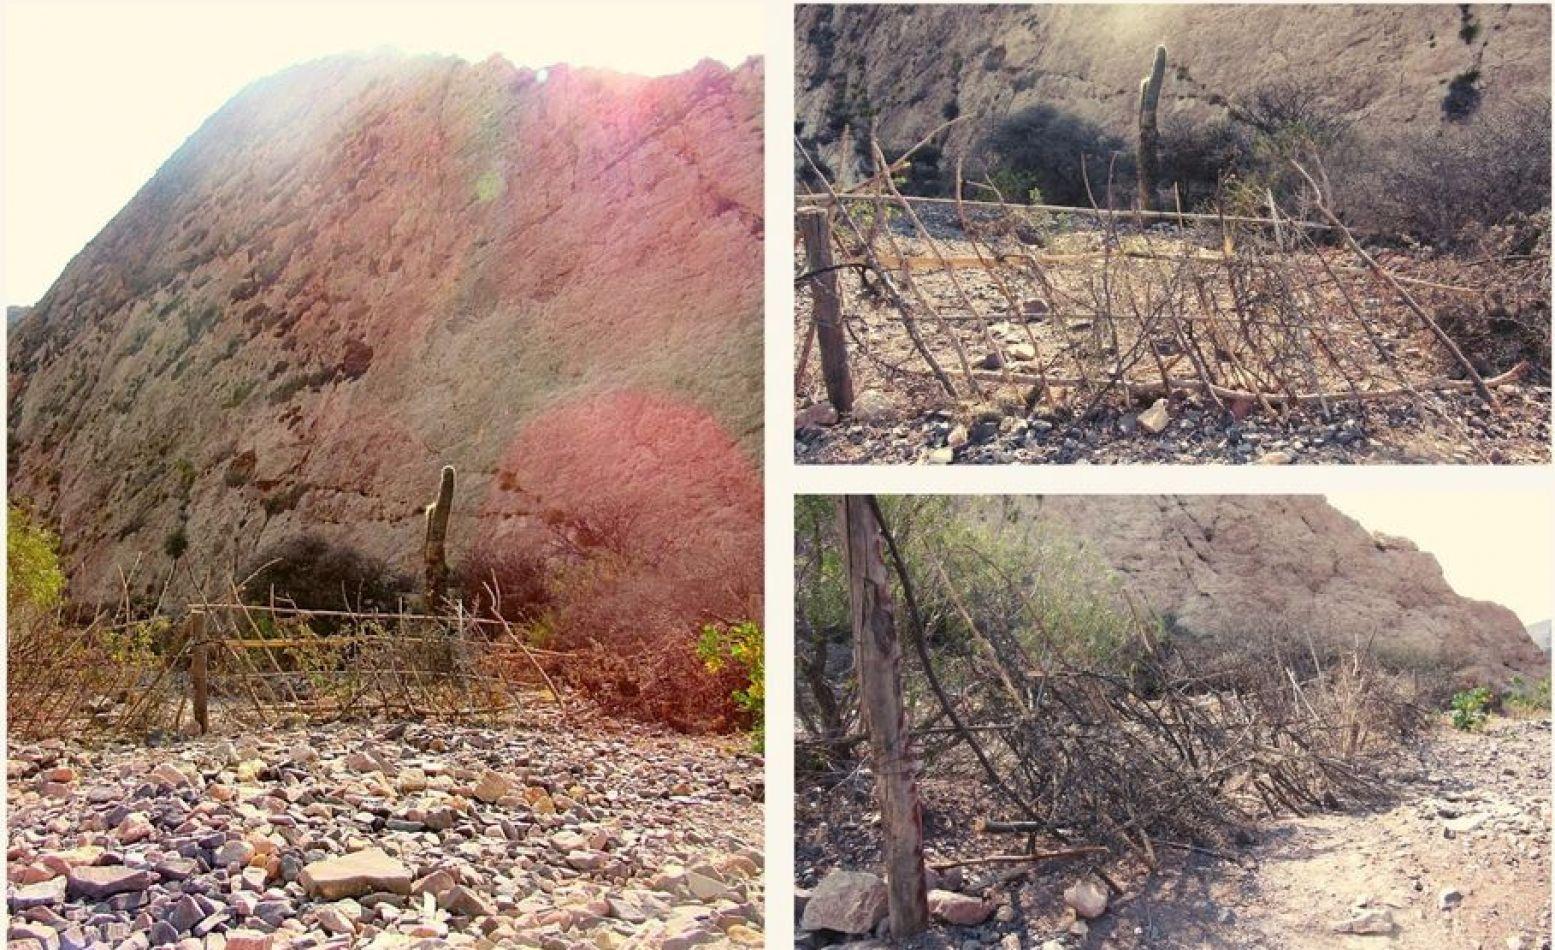 Juella: 2 hermanas cercaron un camino impidiendo la llegada a un sitio arqueológico